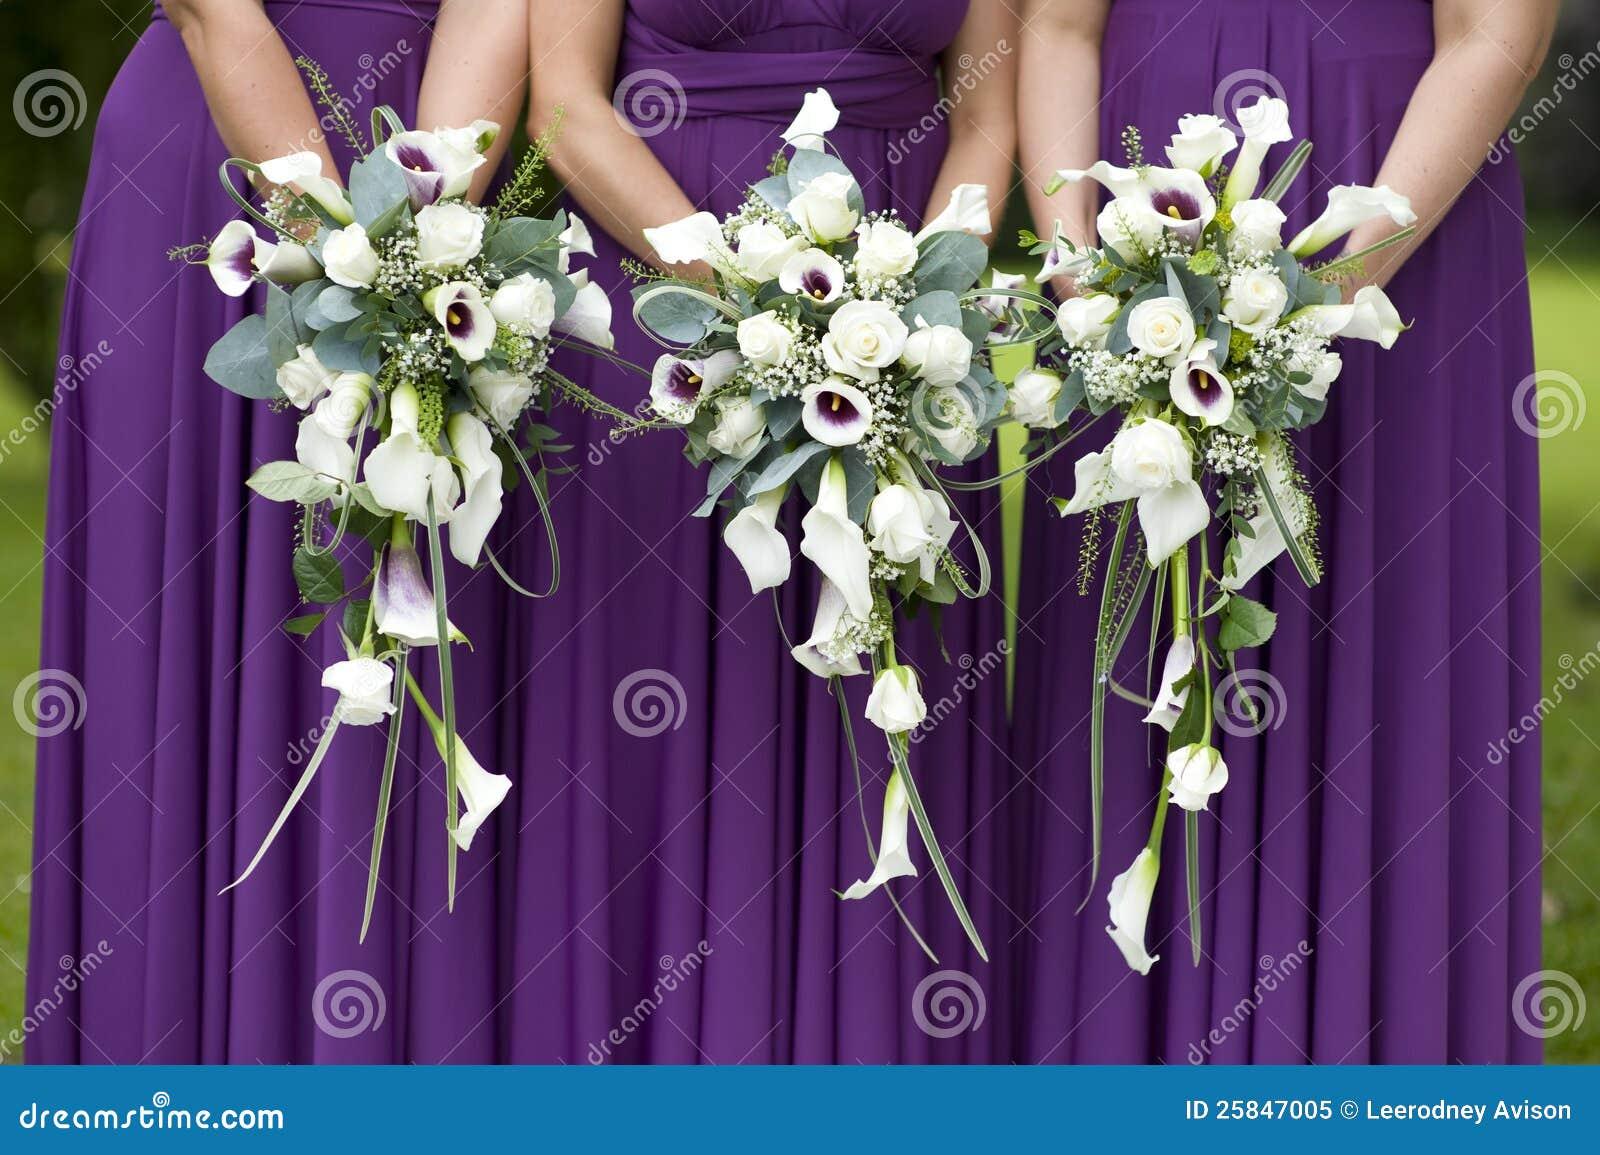 Drei Brautjunfern, die Hochzeitsblumensträuße anhalten